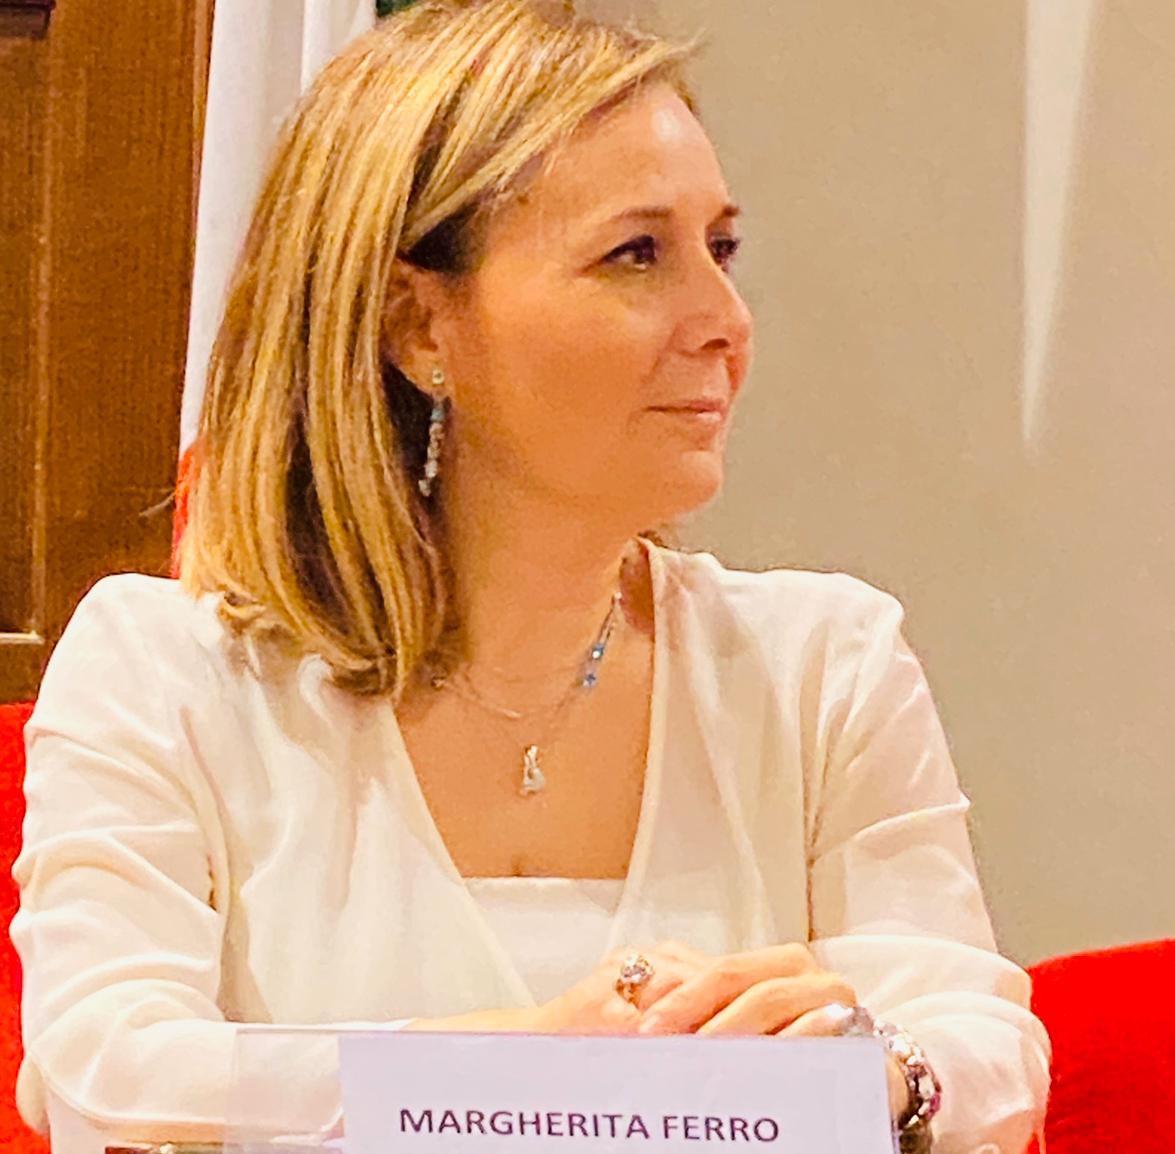 Le nomine negli Enti autonomi, donne sempre più discriminate in Sicilia